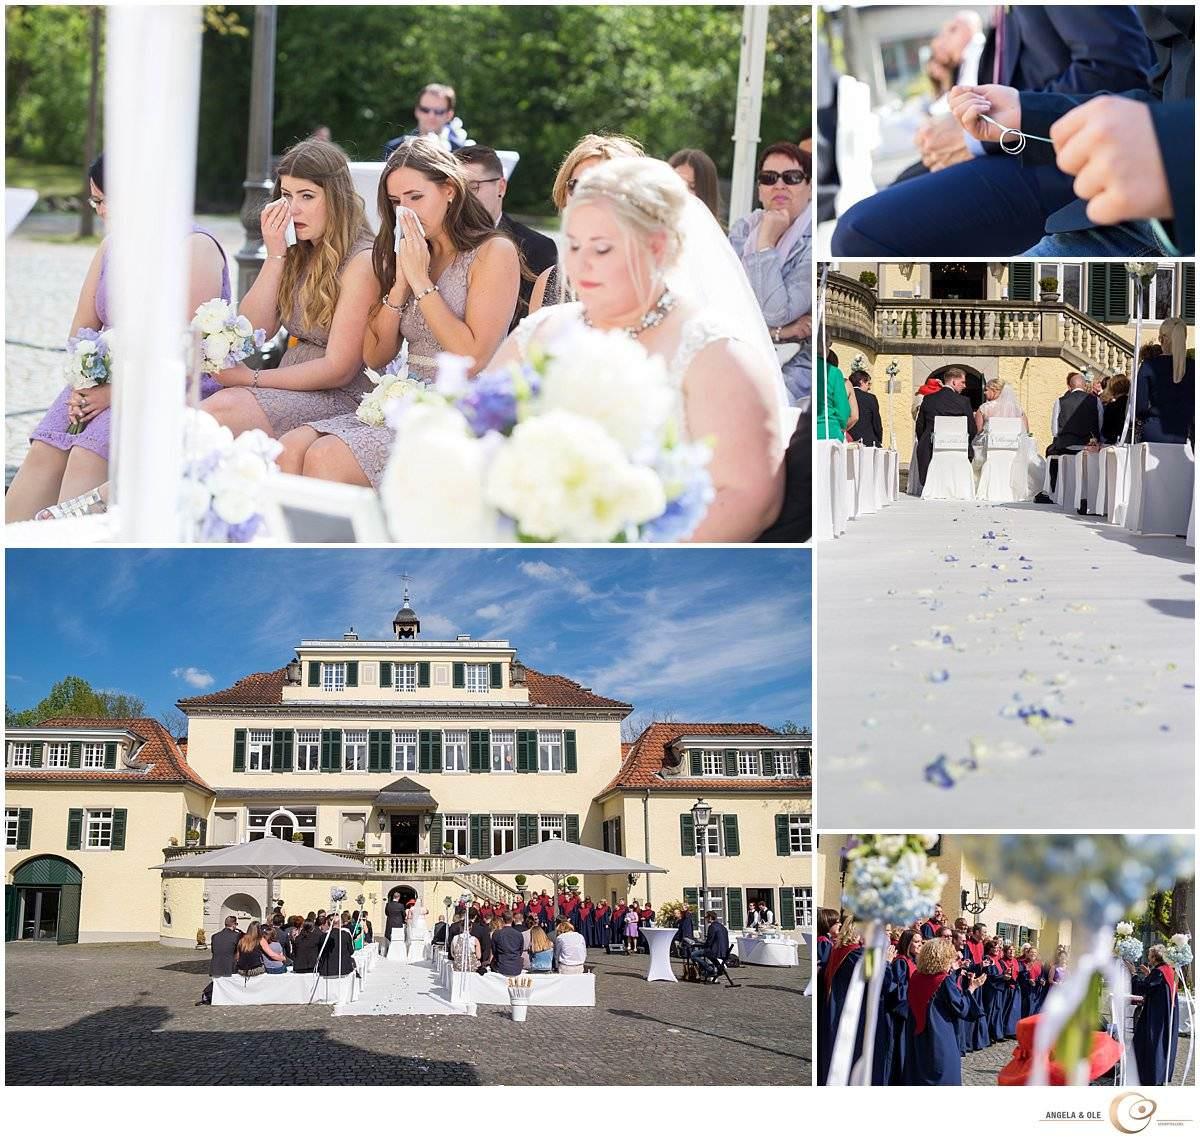 Zauberhafte Hochzeit auf Schloss Eulenbroich » Angela